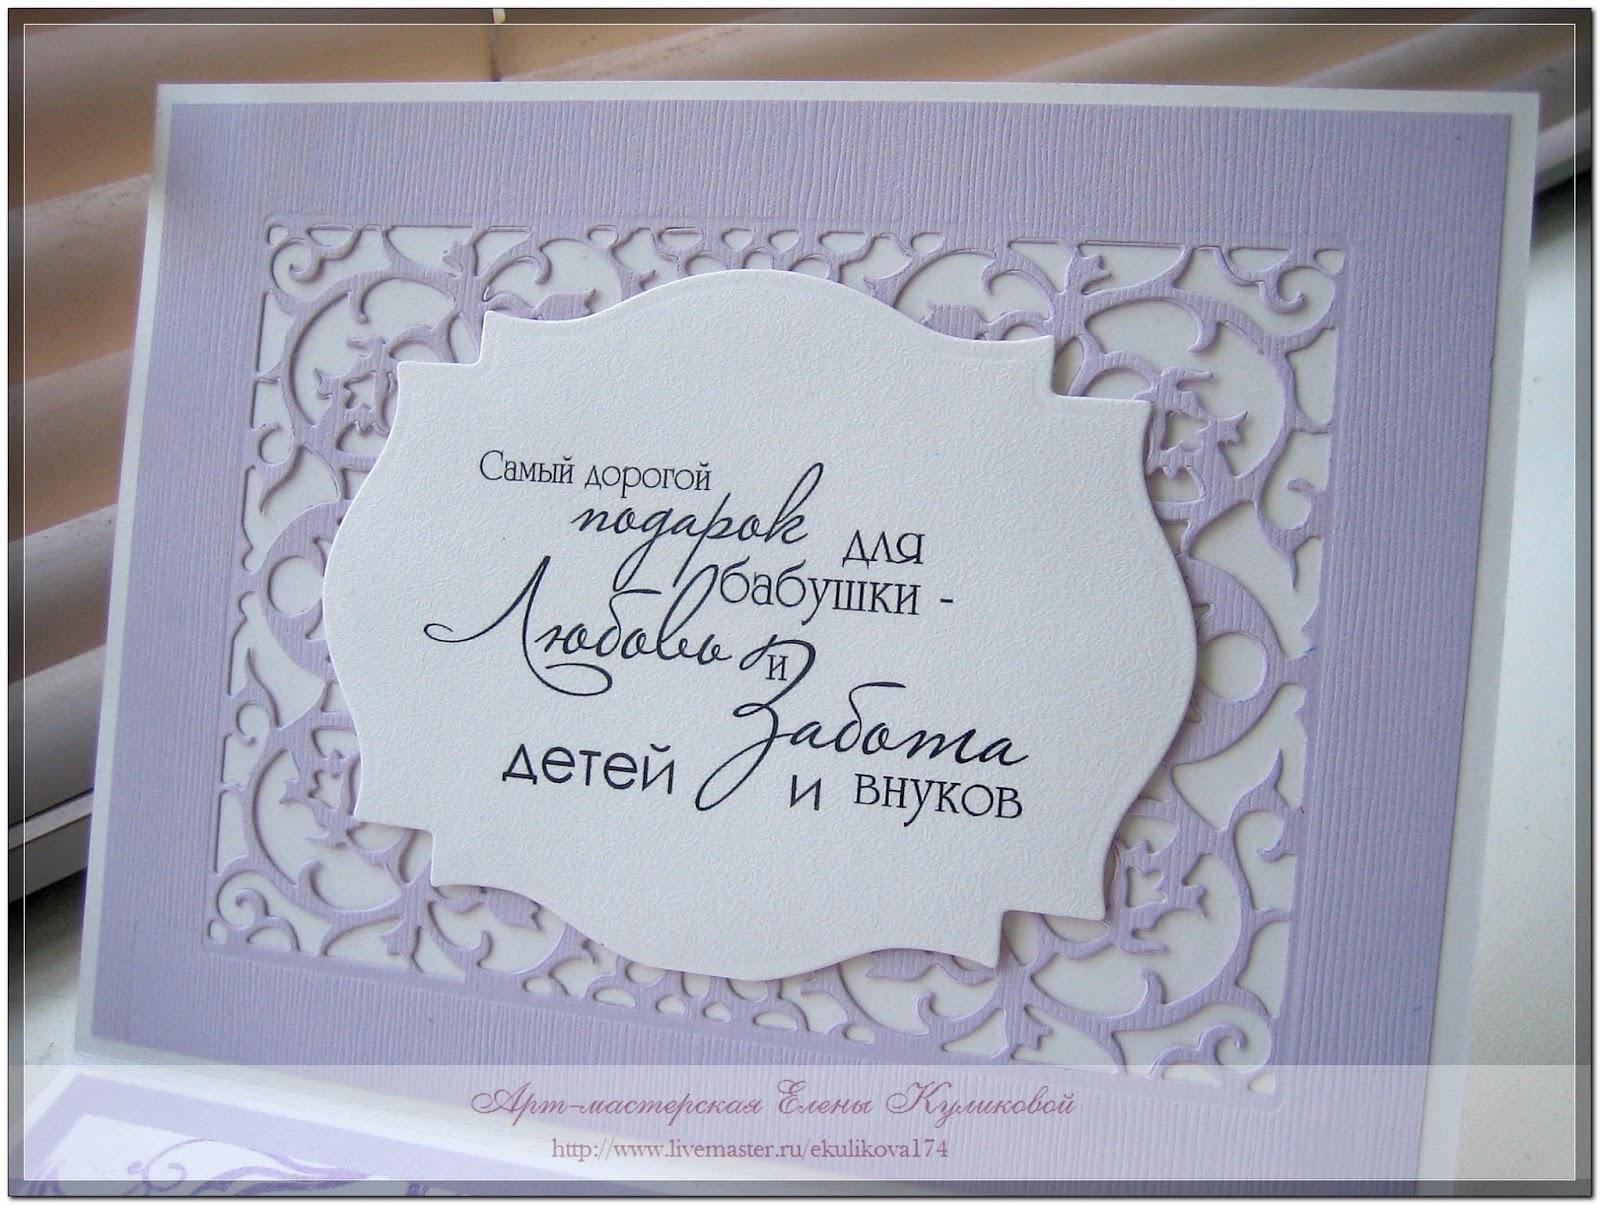 Подписать открытку на юбилей бабушке, день рождения александр